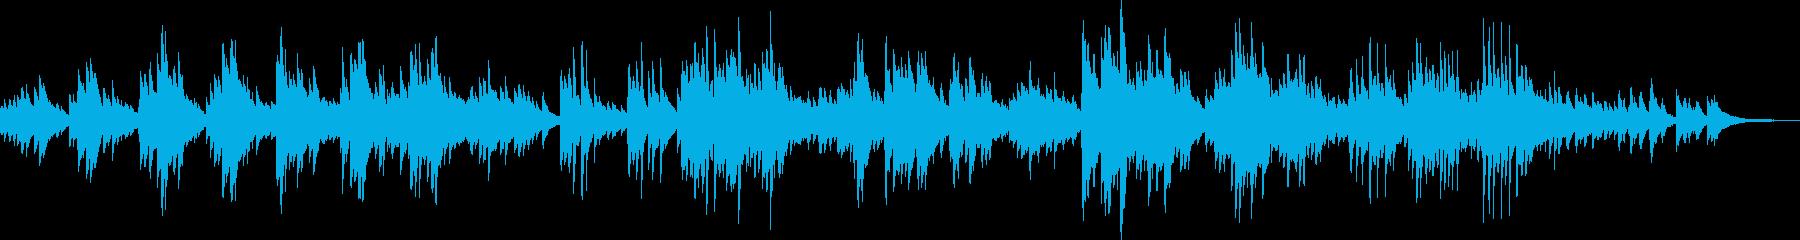 感動的なピアノバラード(明るい、優しい)の再生済みの波形